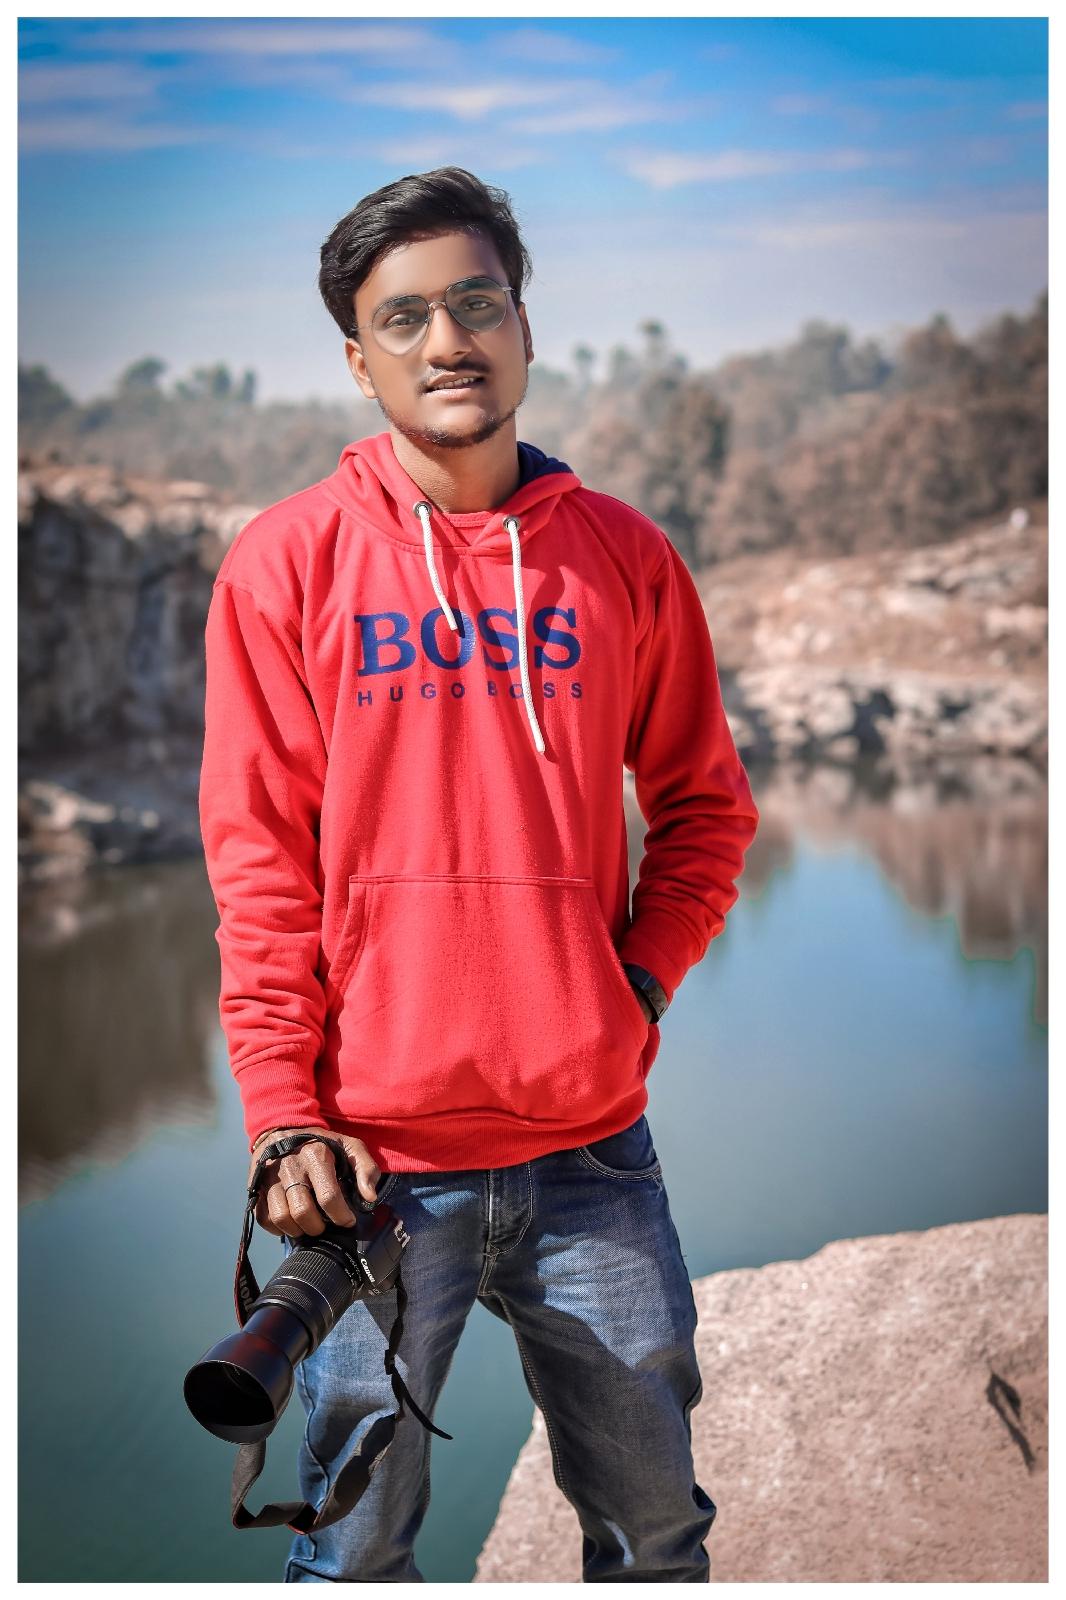 Techy Sourav ( Sourav Gorai) Biography